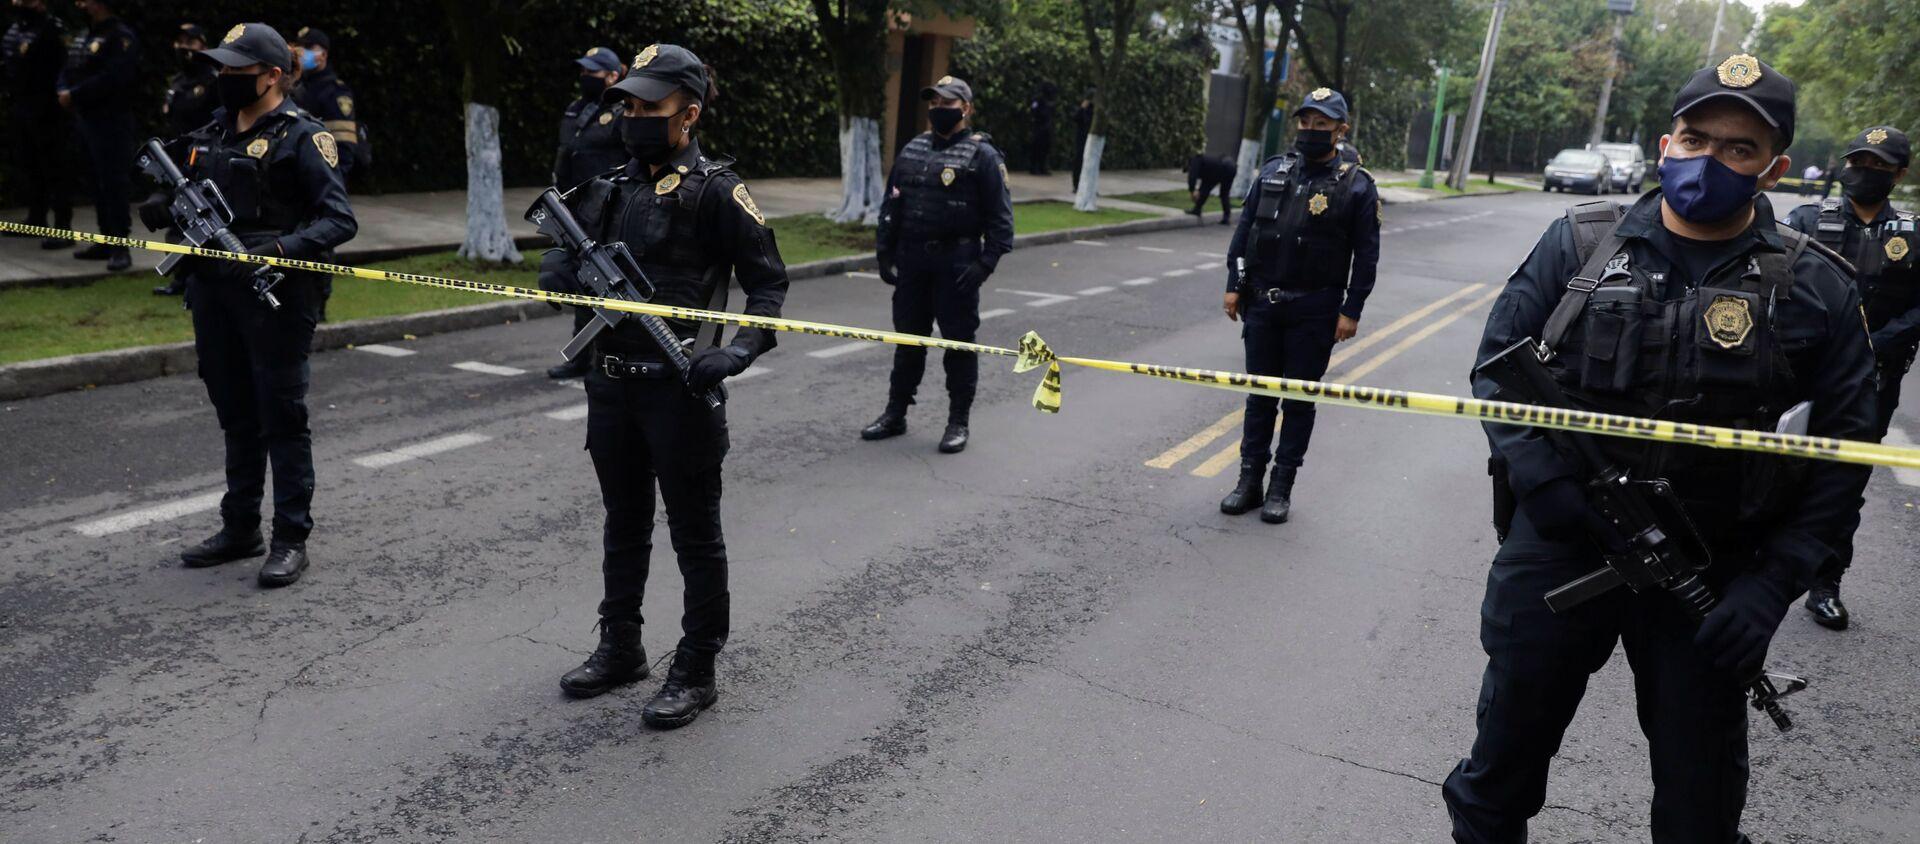 Oficiales de policía vigilan la escena del crimen después de un intento de asesinato del jefe de policía de la Ciudad de México, Omar García Harfuch - Sputnik Mundo, 1920, 14.07.2020